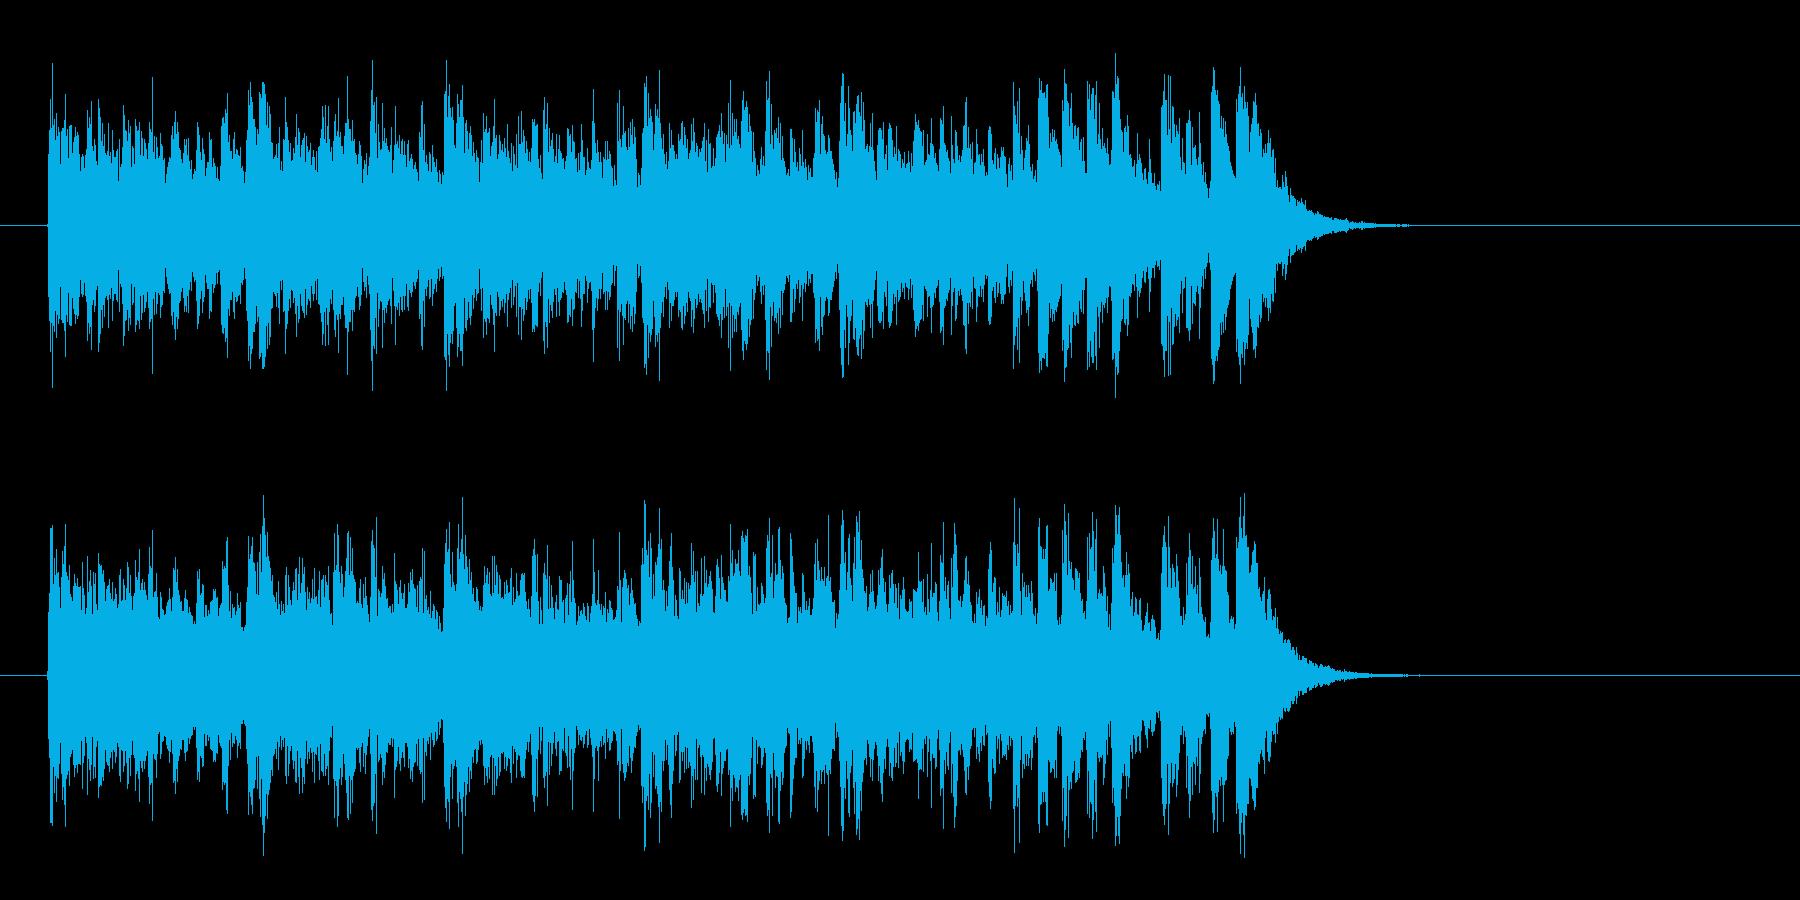 リゾート風ラテンポップス(イントロ)の再生済みの波形